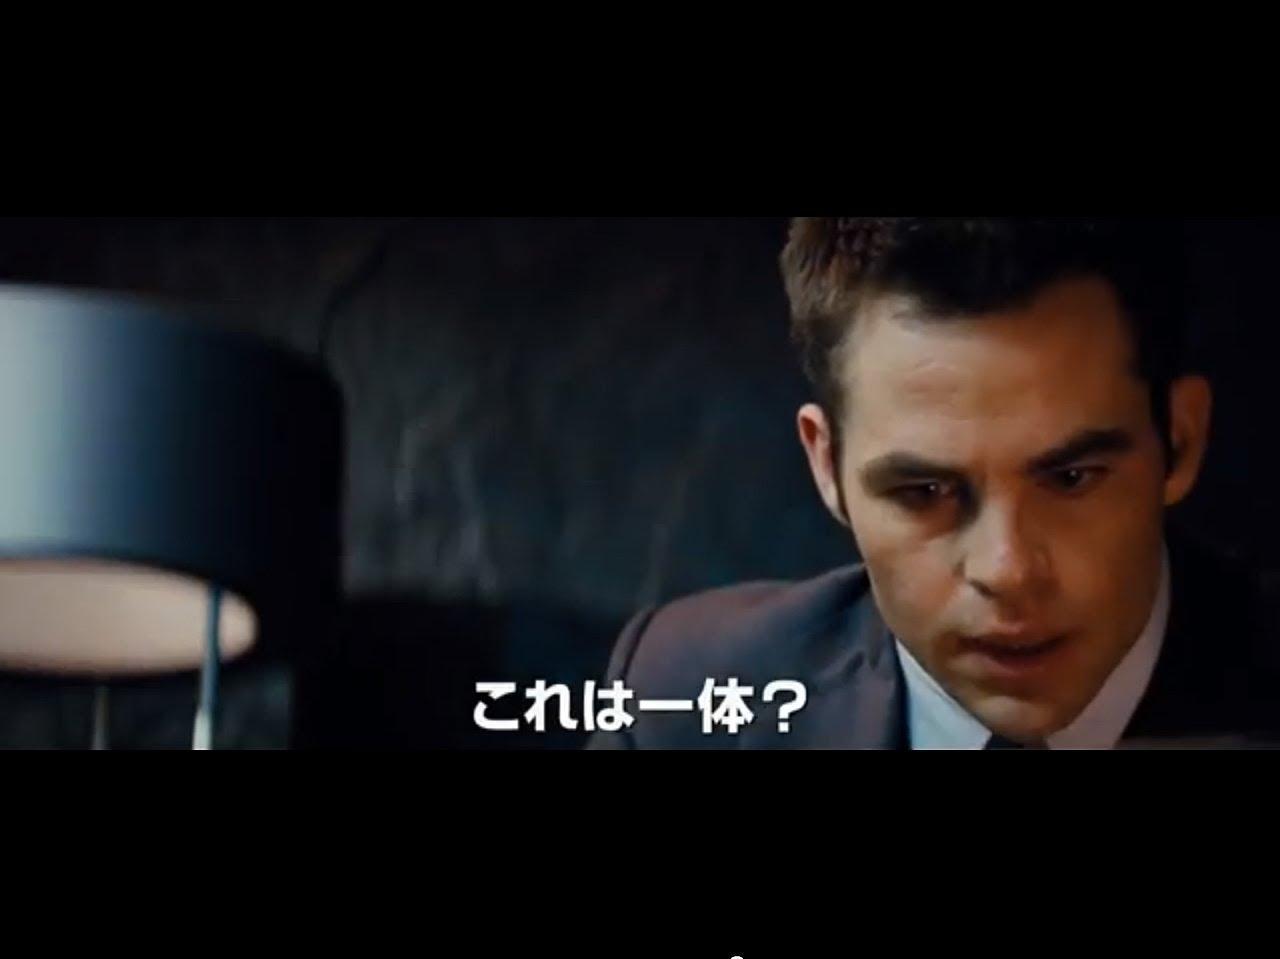 画像: 『エージェント:ライアン』予告編 www.youtube.com